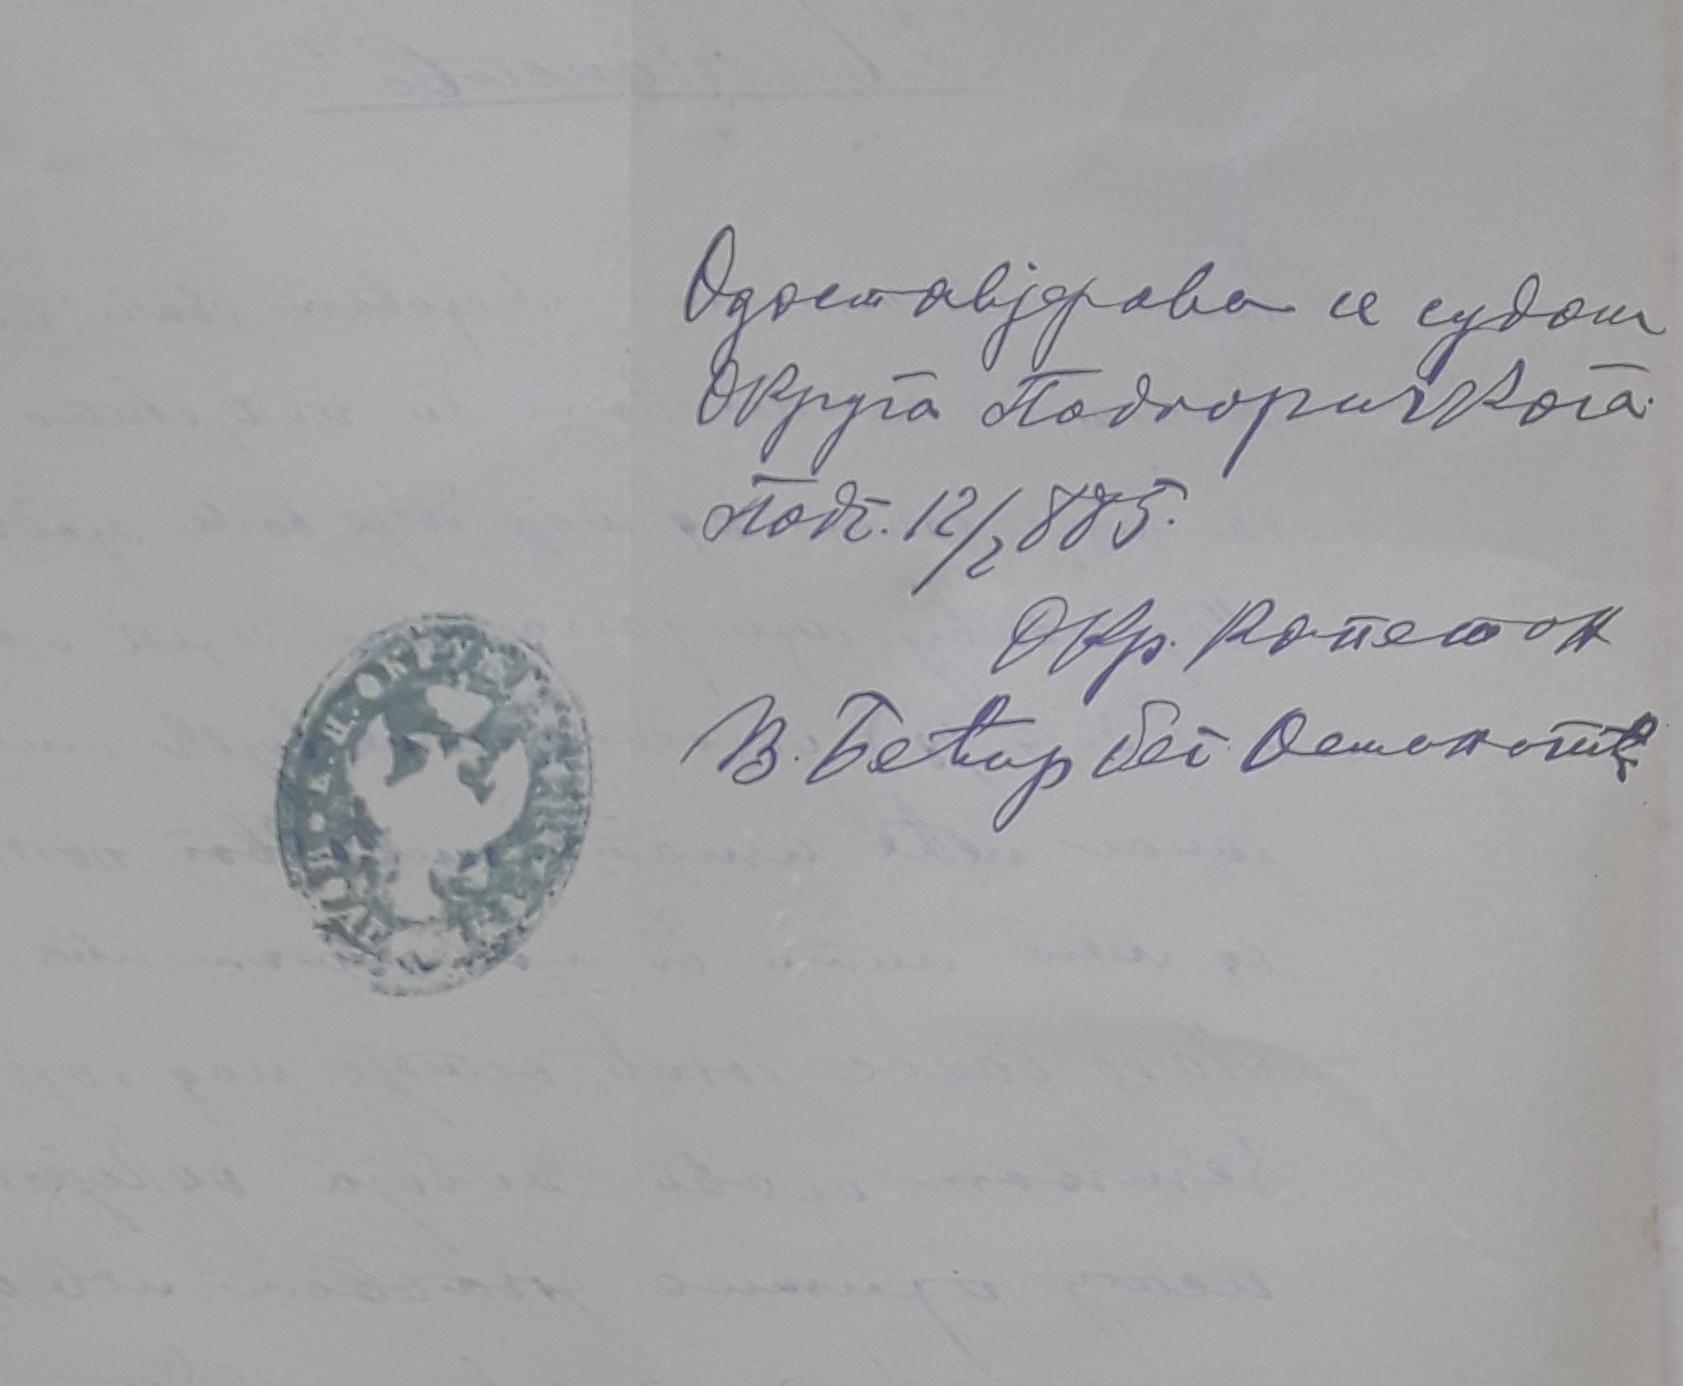 Ovjera Svjedočanstva o prodaji zemlje spuškog muslimana Boškovića, sa potpisom vojvode Bećir bega Osmanagića, MUD, februar 1885.